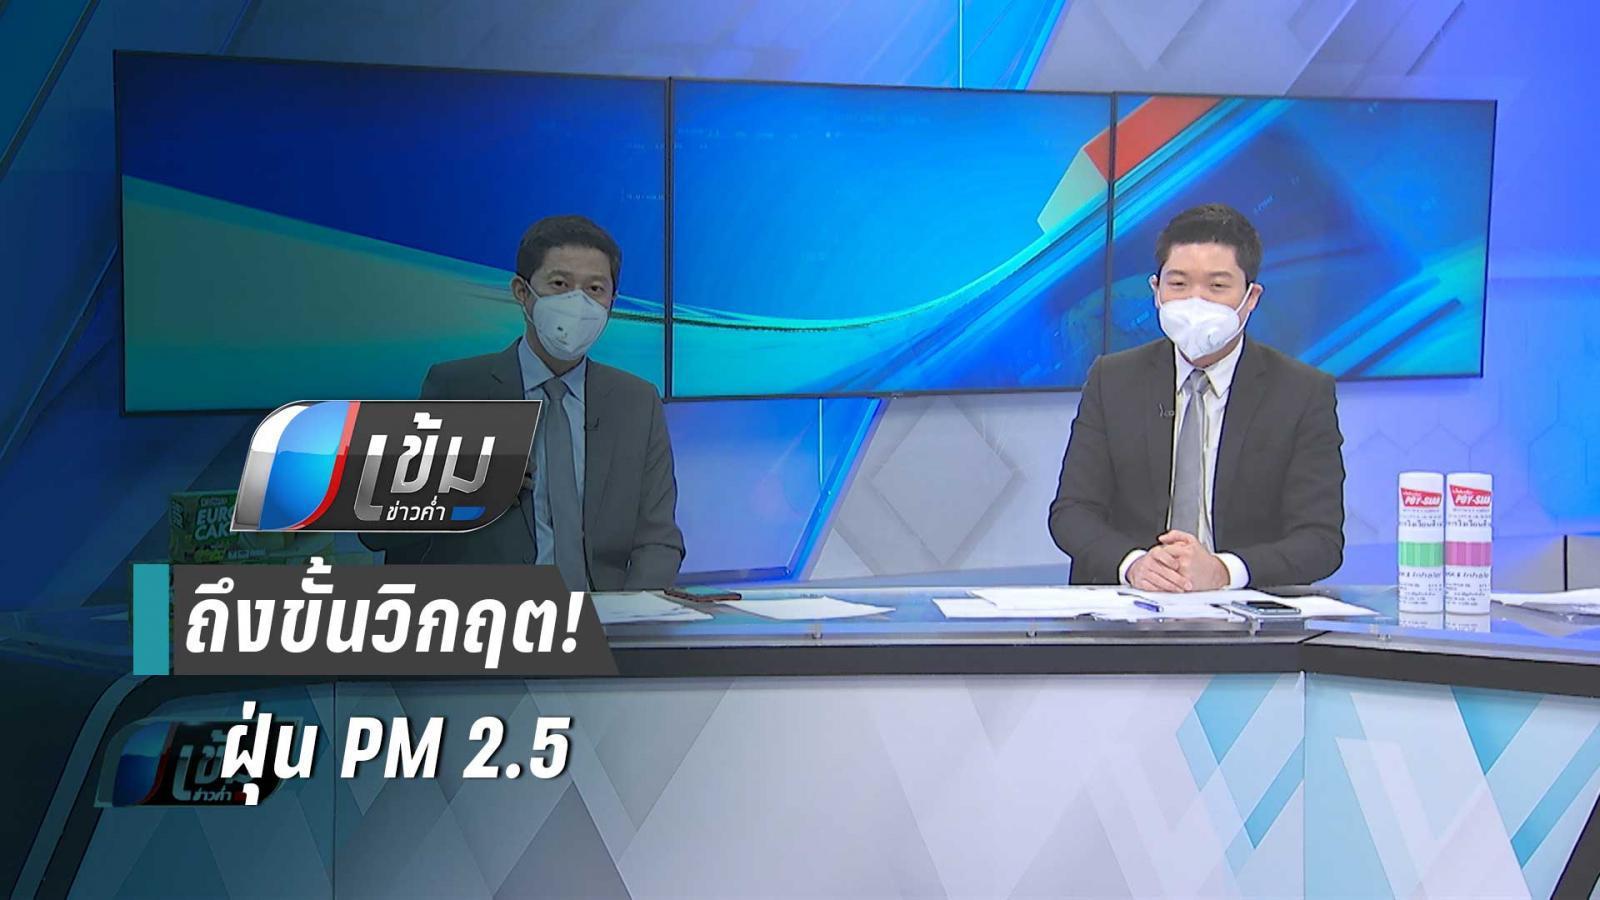 วิกฤตฝุ่น PM 2.5! ประชาชนต้องสวมหน้ากากอนามัยดูแลตนเอง